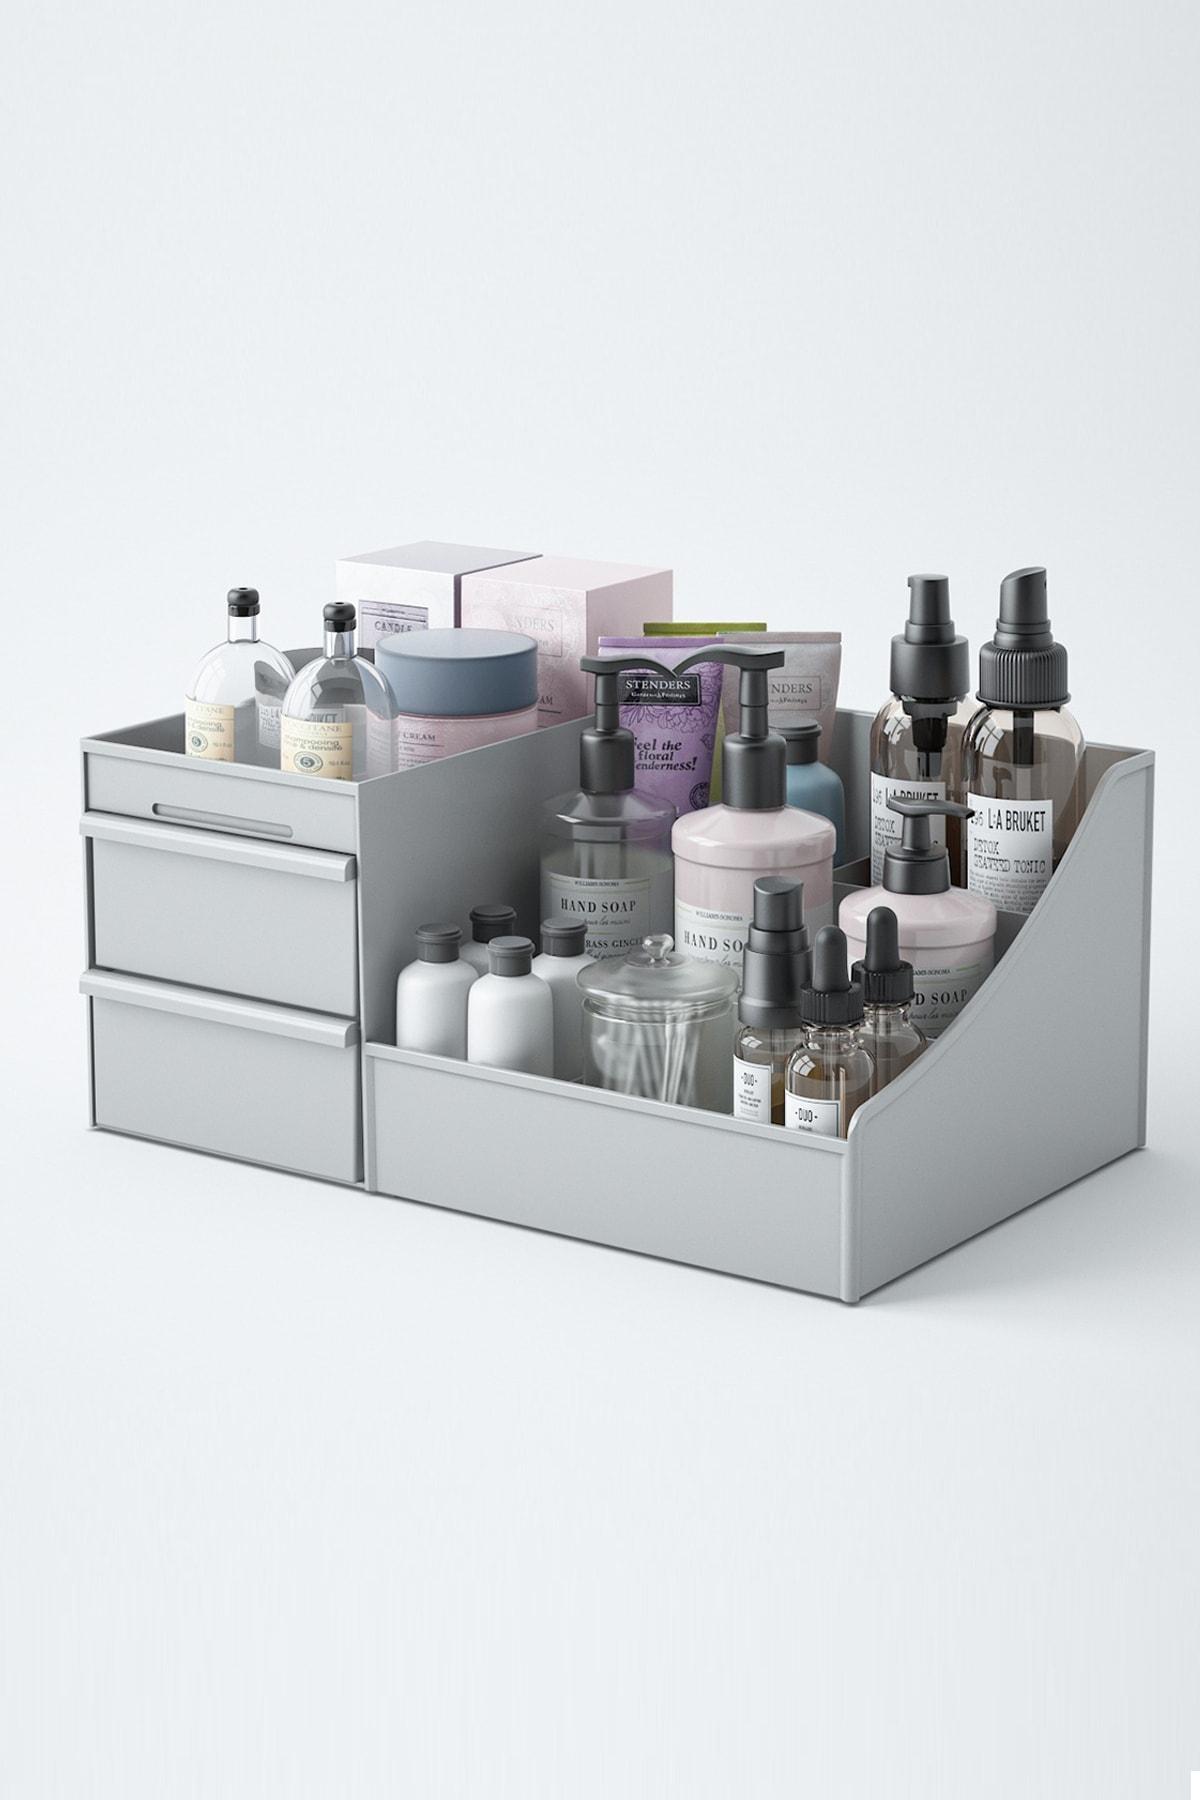 PUFWİN Elegance Kozmetik Ve Makyaj Düzenleme Kutusu Organizer Gri 2